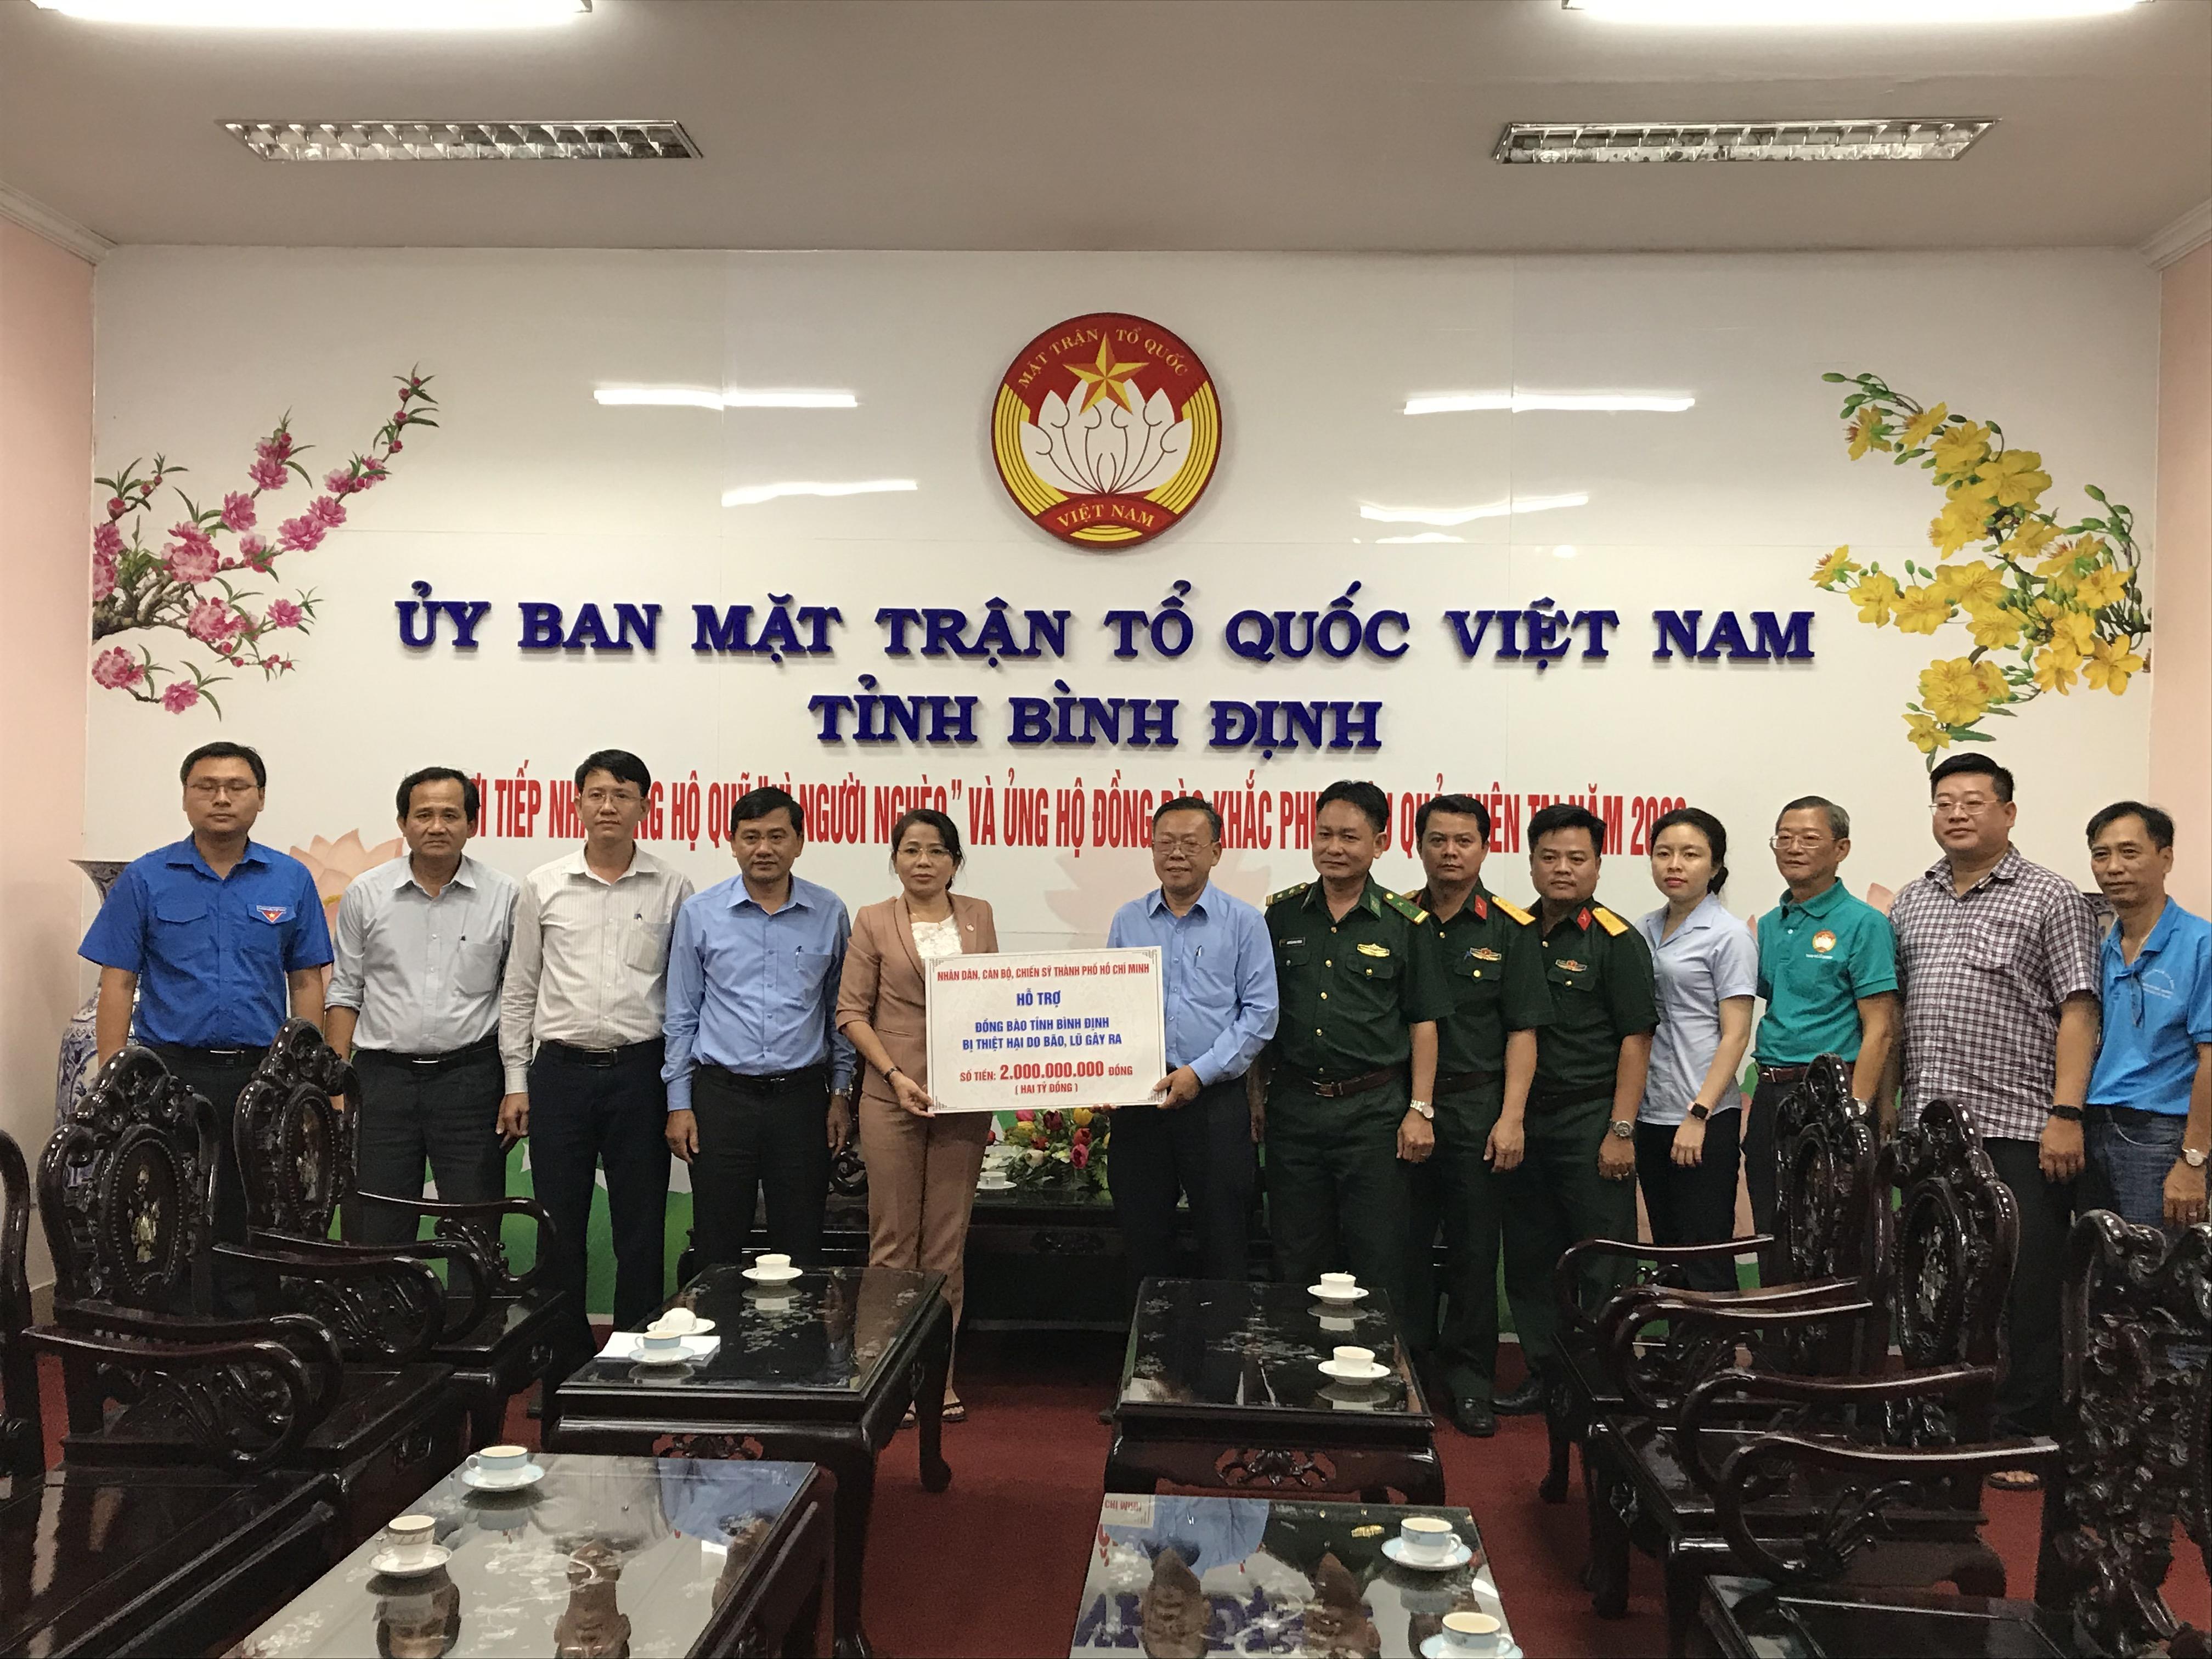 Ủy ban MTTQ Việt Nam tỉnh Bình Định tiếp nhận nguồn hỗ trợ từ nhân dân, cán bộ, chiến sĩ, khắc phục hậu quả do thiên tai.